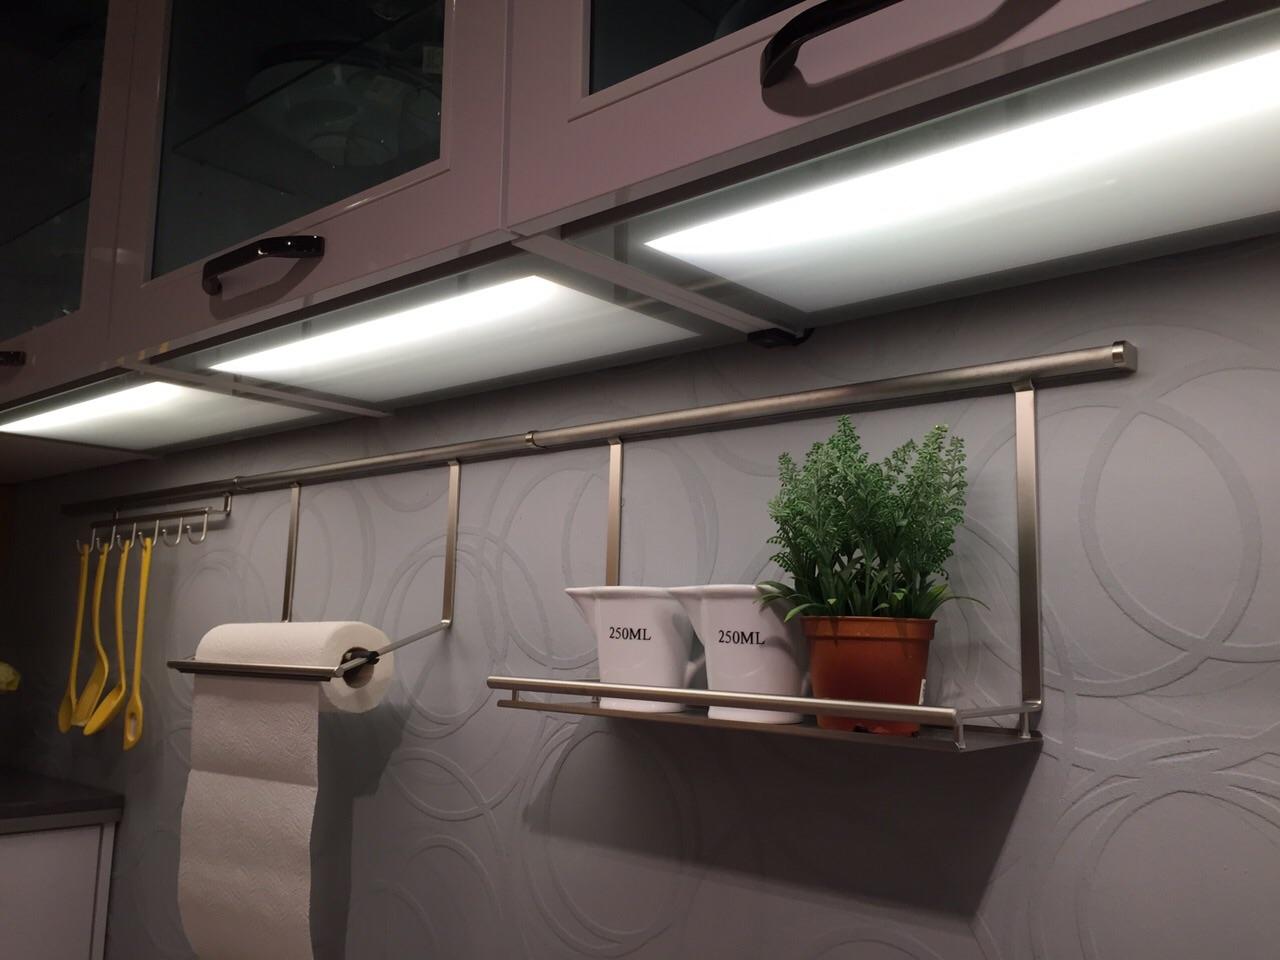 Full Size of Beleuchtung In Der Kche Kcheninfo Kchenbeleuchtung Ideen Fenster 3 Fach Verglasung Glasbilder Küche Glas Esstisch Bad Hängeschrank Weiß Hochglanz Regal Wohnzimmer Küchen Hängeschrank Glas